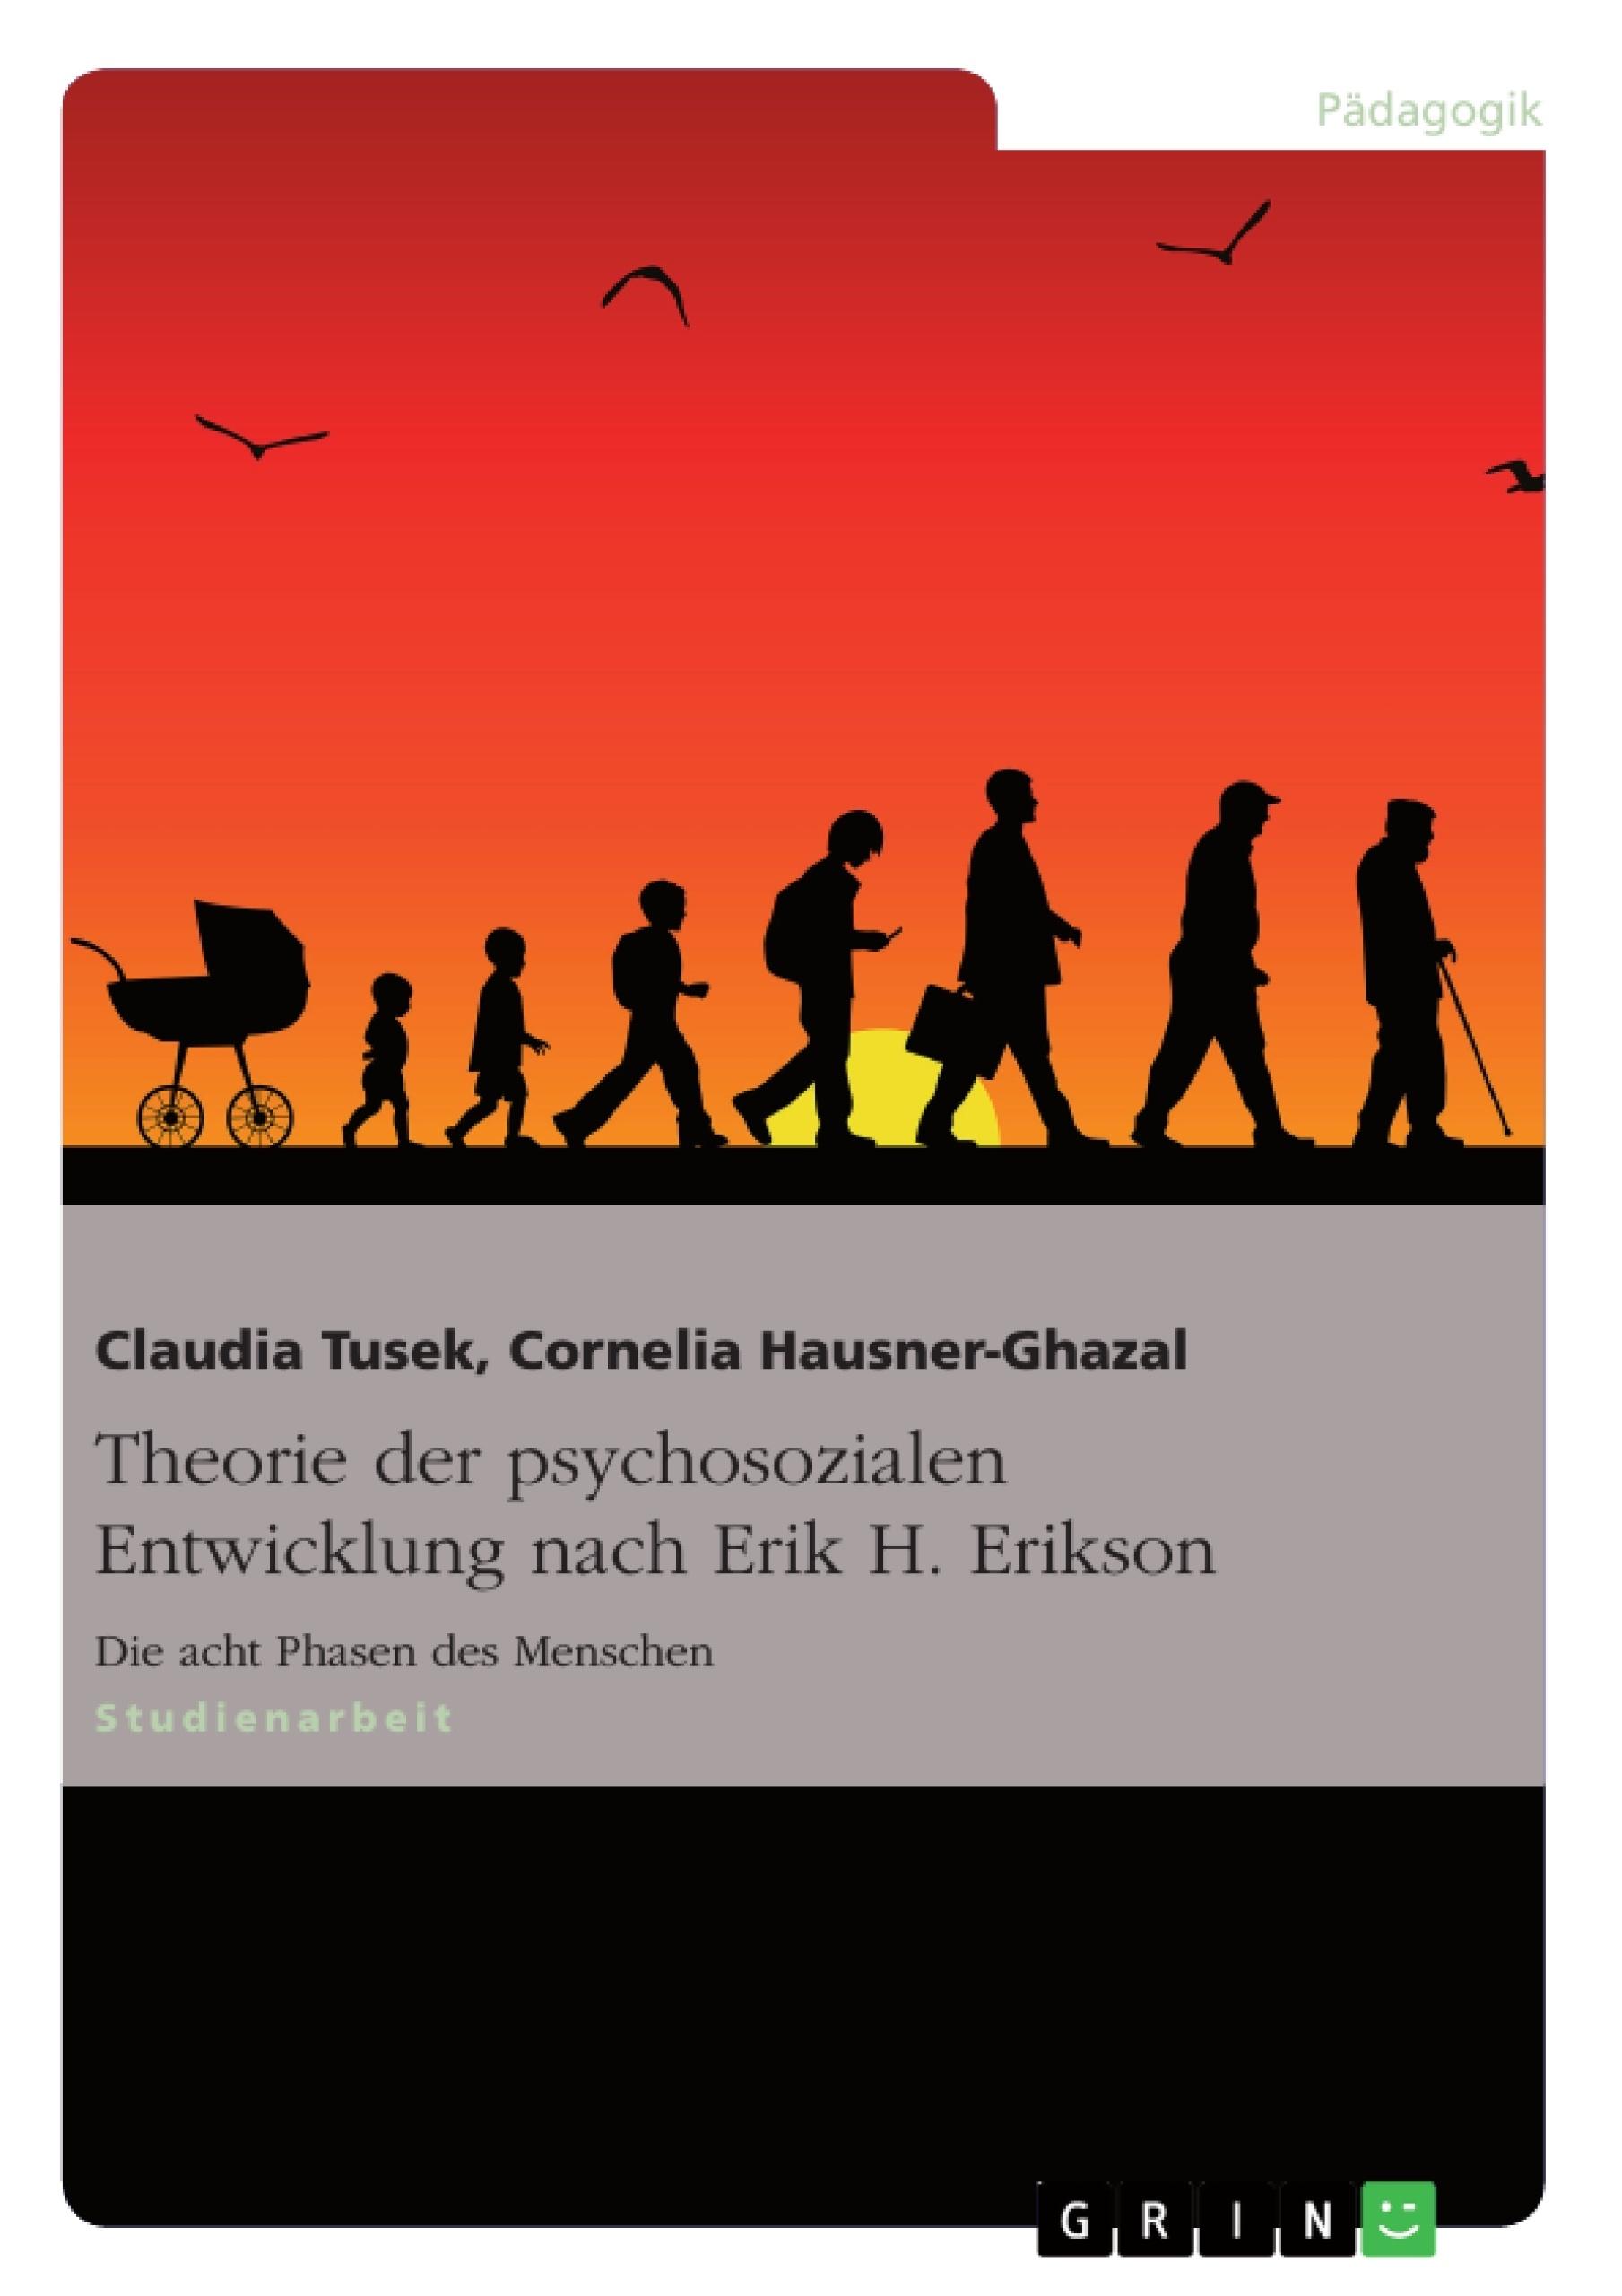 Titel: Theorie der psychosozialen Entwicklung nach Erik H. Erikson